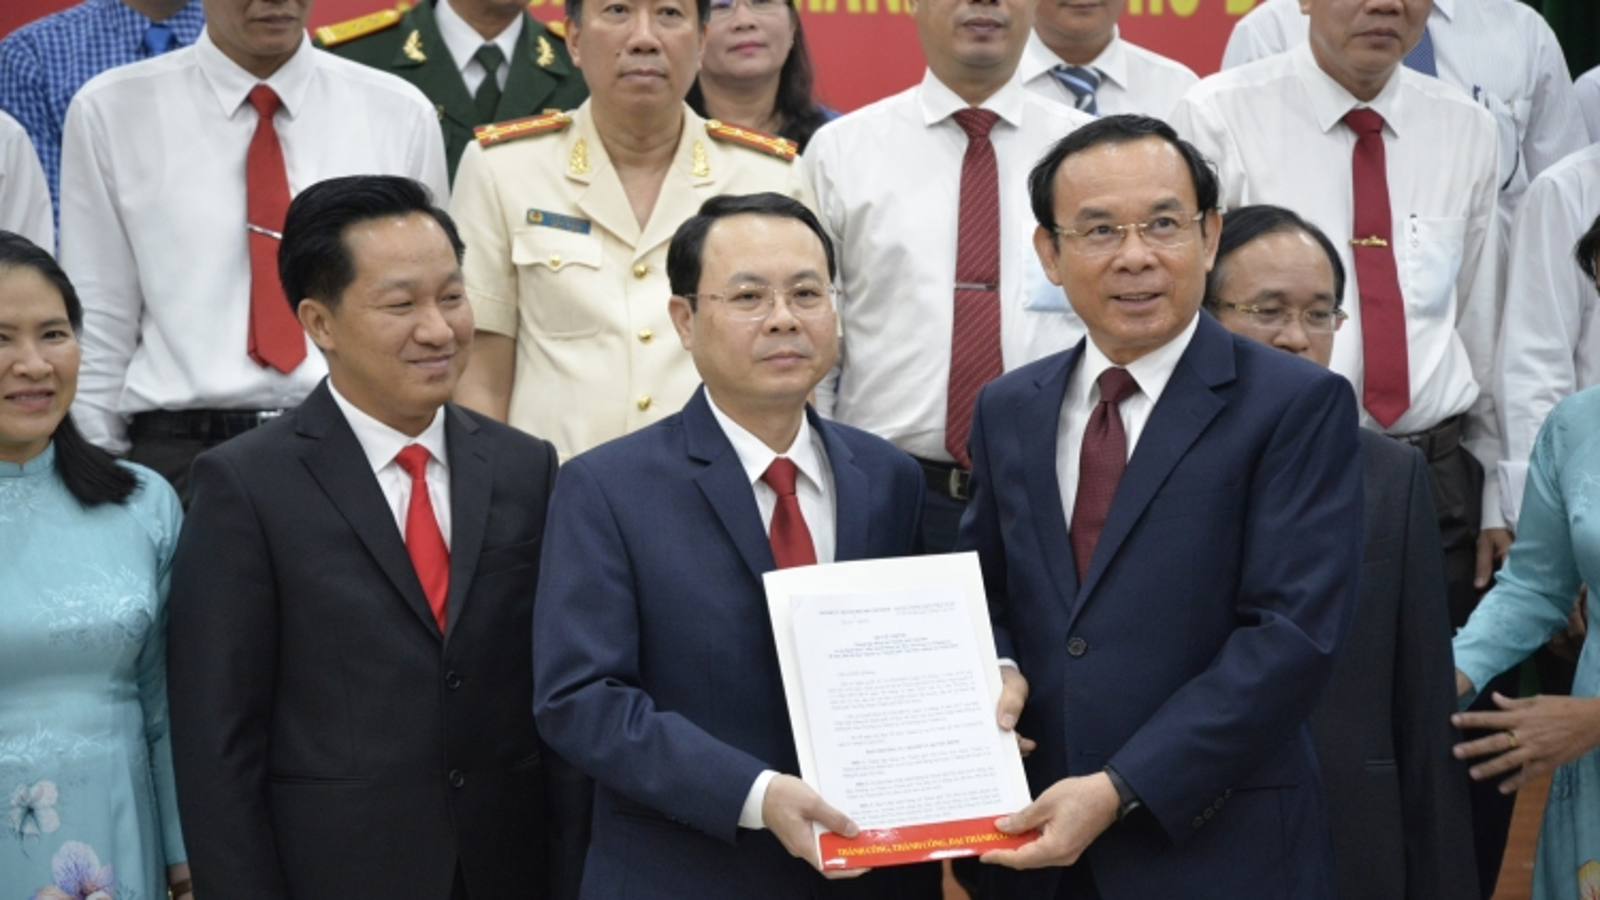 Bí thư Thành uỷ TPHCM trao quyết định cán bộ chủ chốt TP Thủ Đức